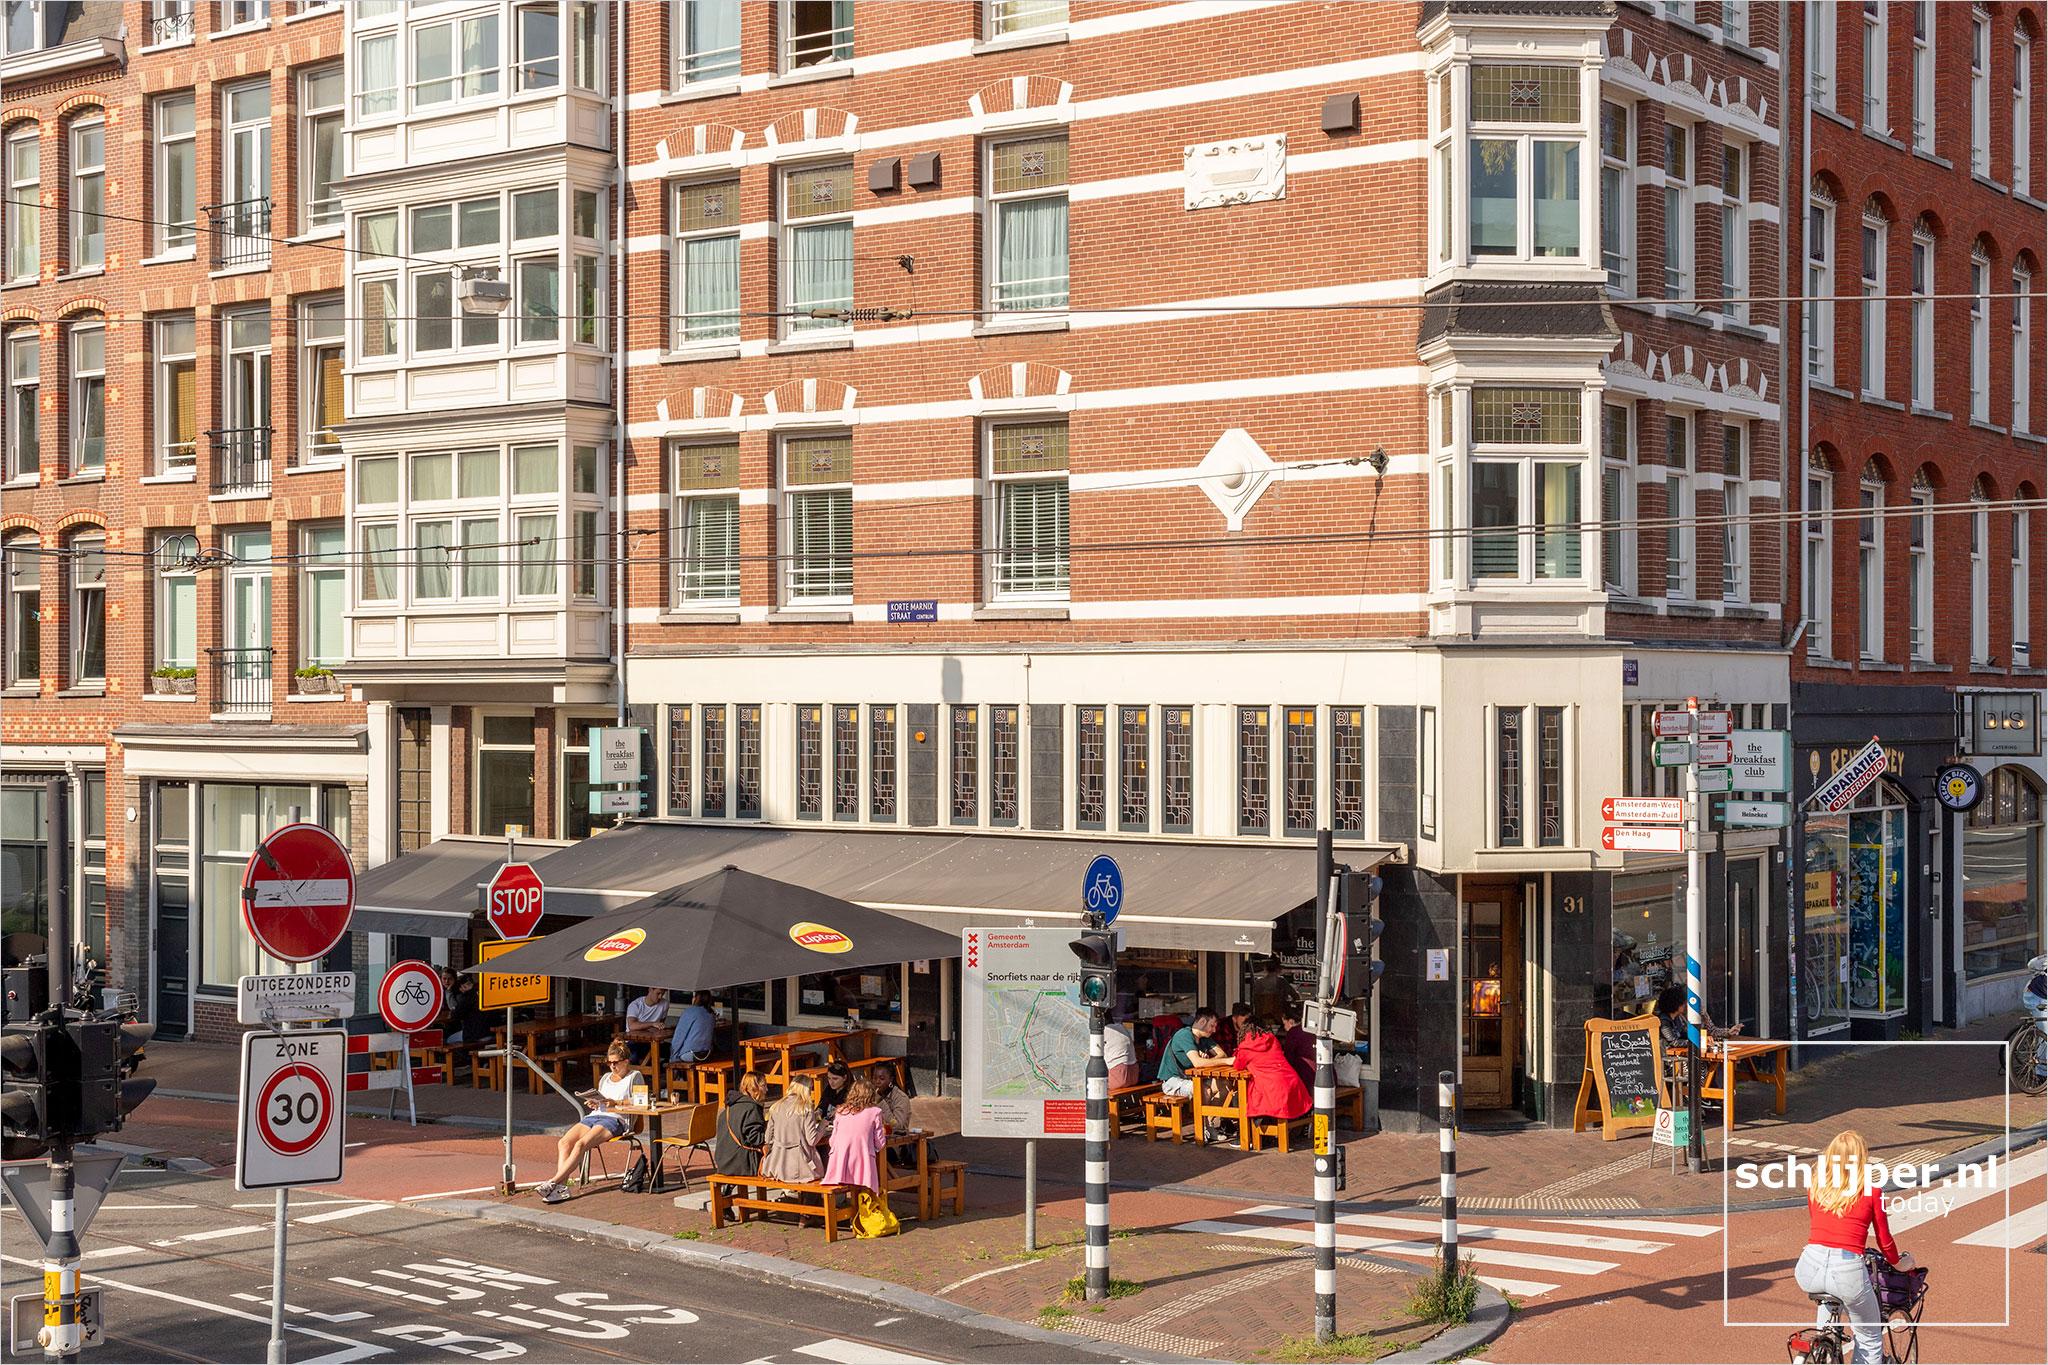 The Netherlands, Amsterdam, 3 september 2021